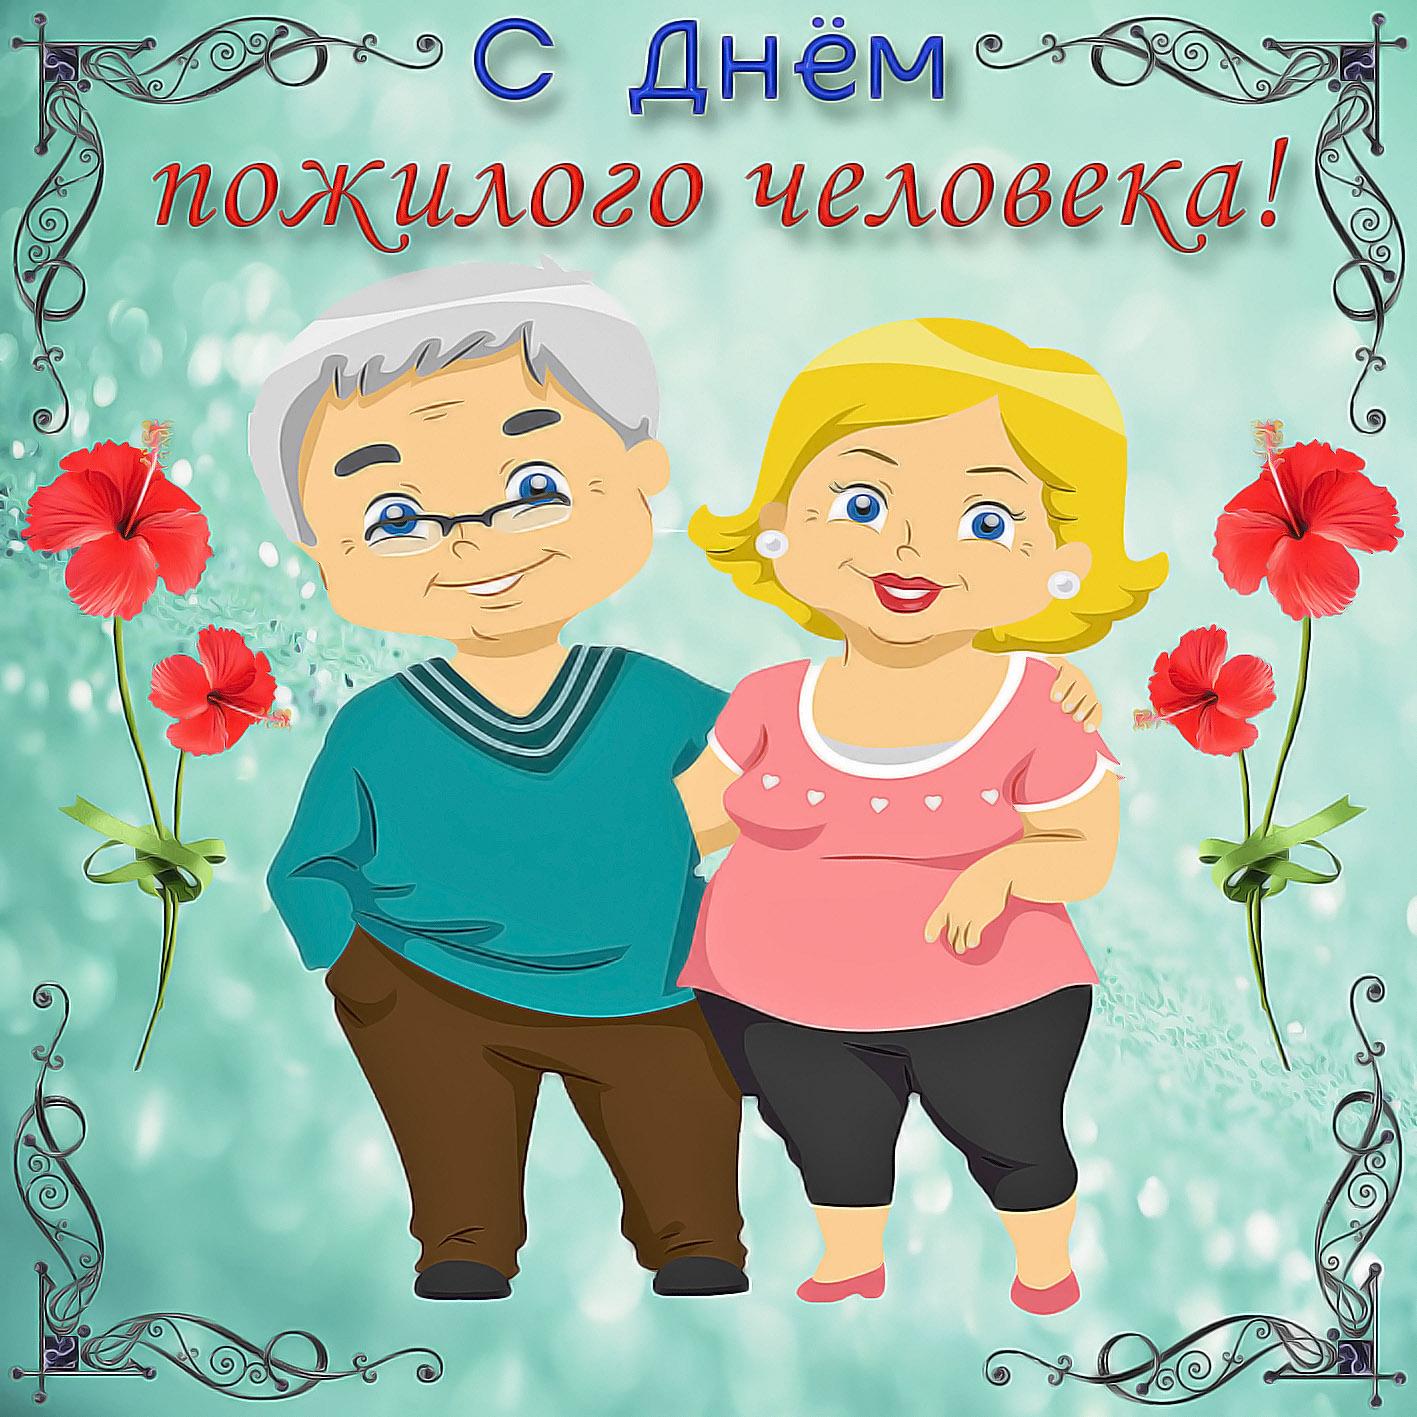 Волков, поздравления с юмором в картинках с днем пожилого человека